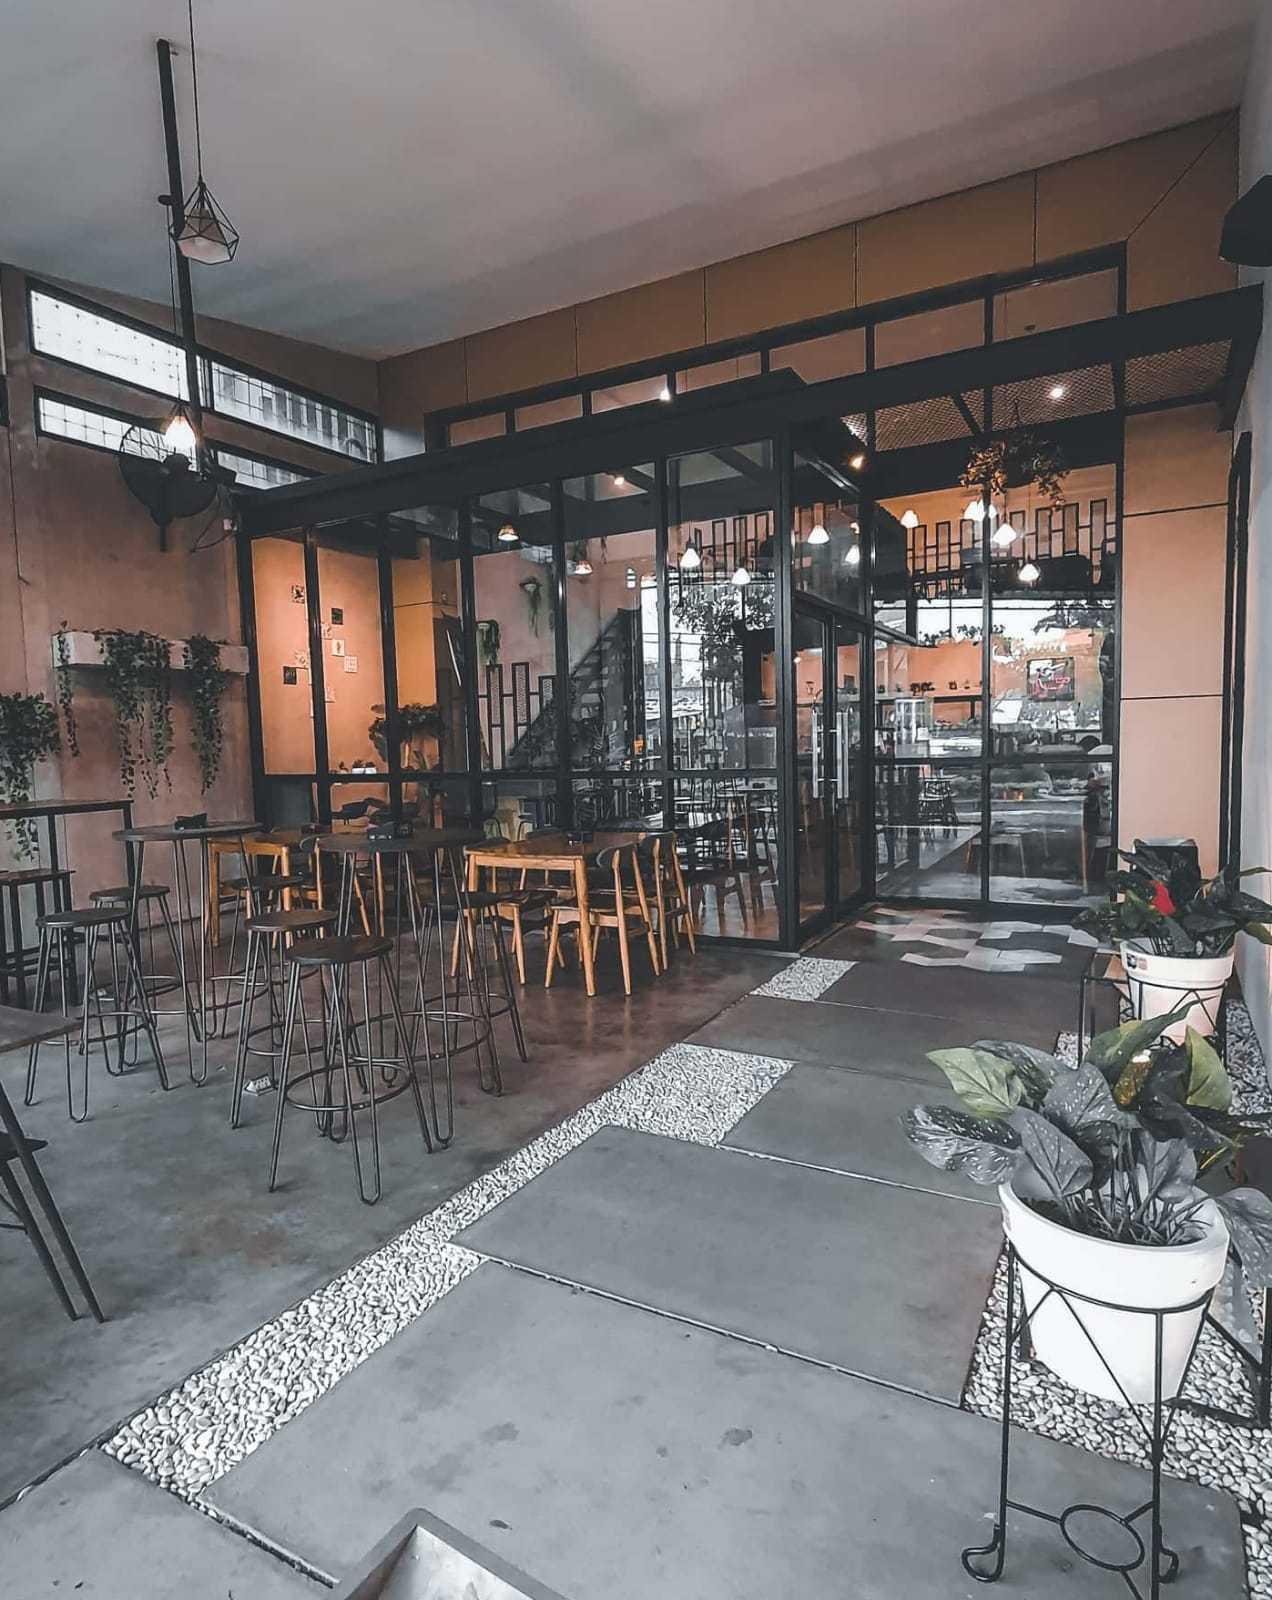 Fau Architects Athaya Coffee Pedurungan, Kota Semarang, Jawa Tengah, Indonesia Pedurungan, Kota Semarang, Jawa Tengah, Indonesia Fau-Architects-Athaya-Coffee   109046